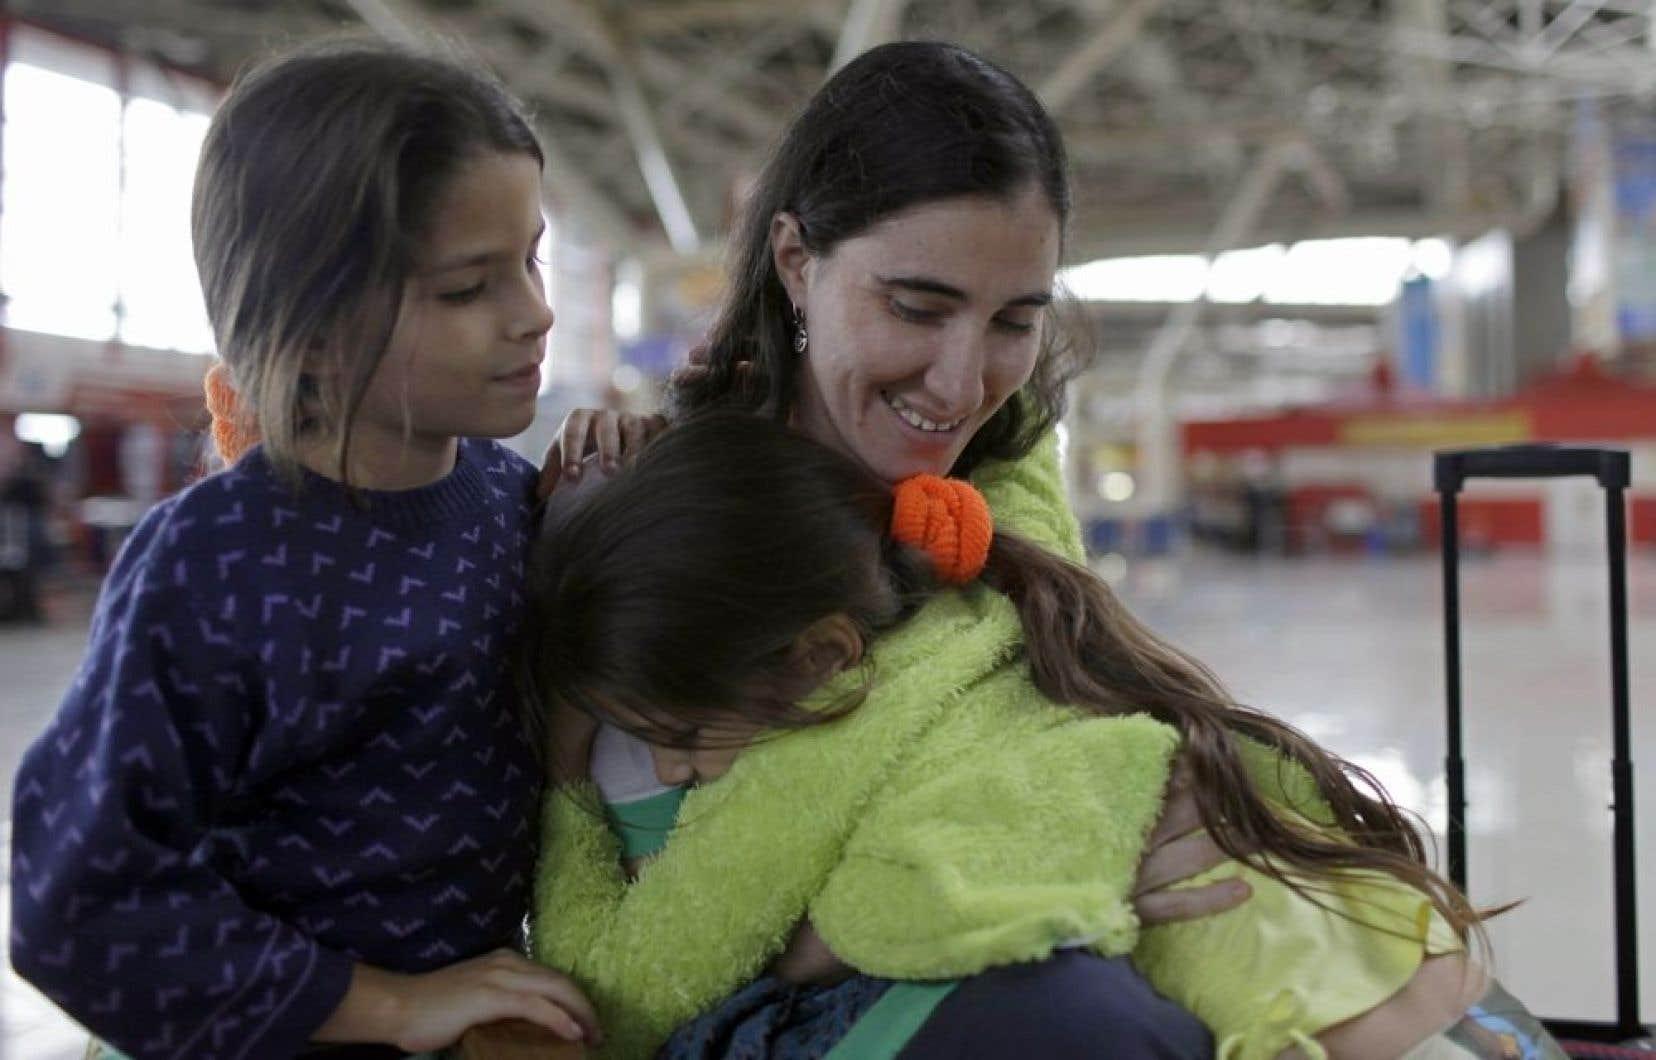 Yoani Sanchez, à gauche, faisait ses adieux à ses nièces Yilianis, à gauche, et Elianis Diaz, avant de quitter Cuba pour se rendre au Brésil.